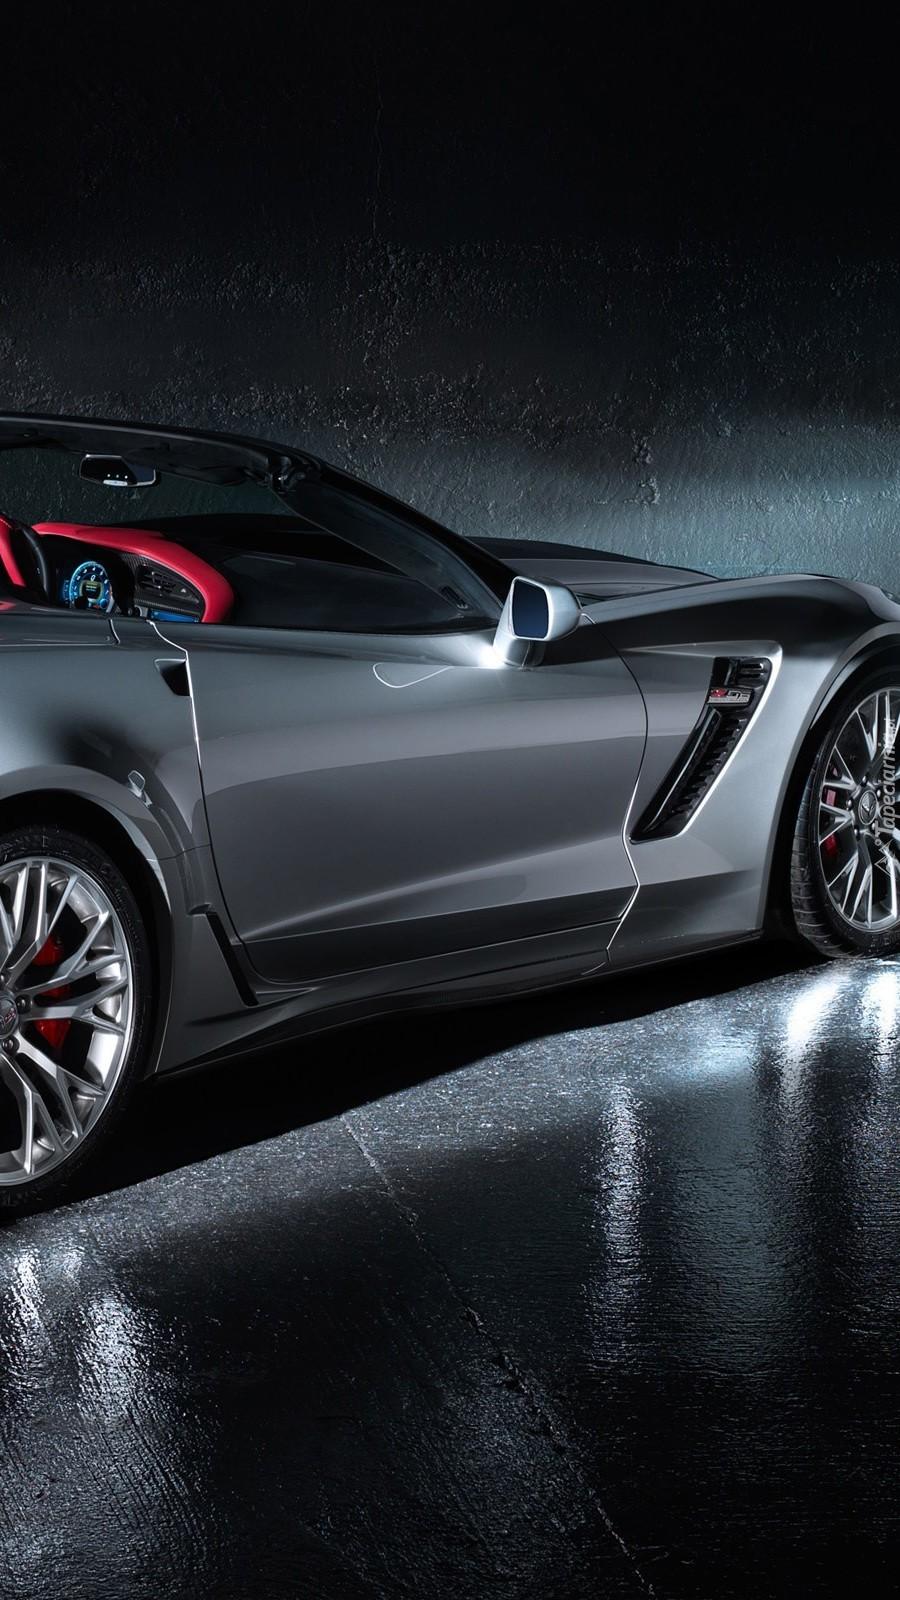 Bok Chevroleta Corvette